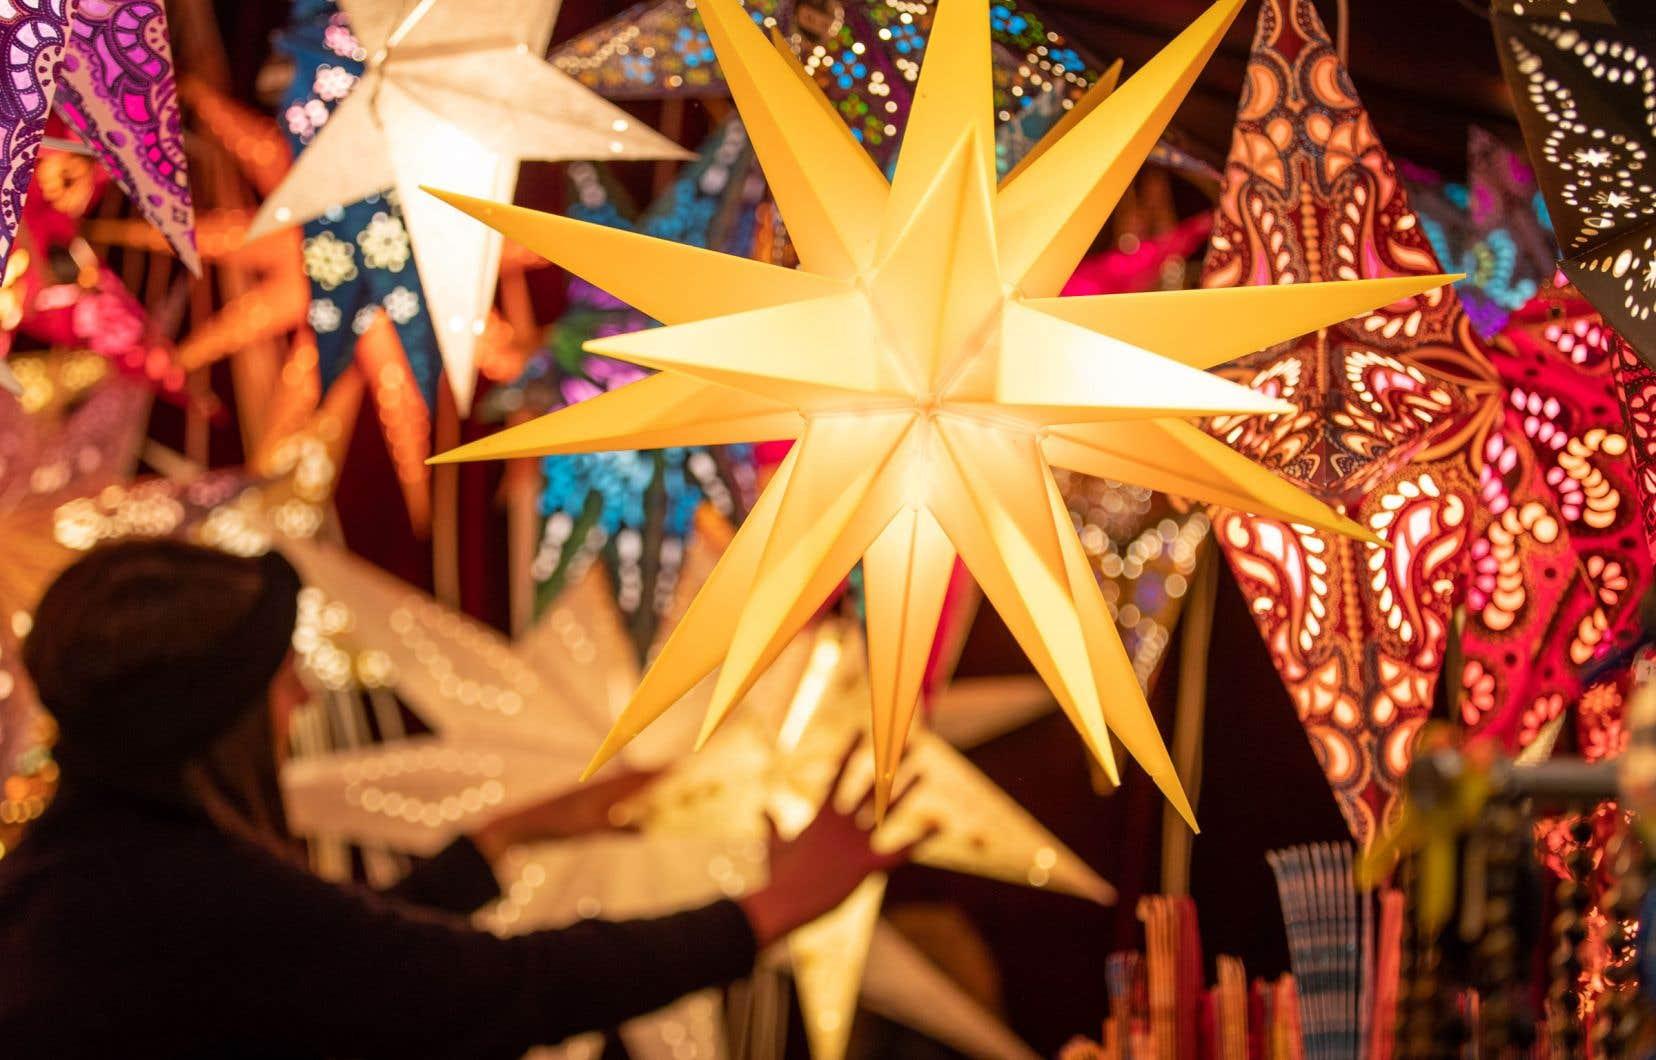 Avec le recul, il semble tout à fait approprié de célébrer Noël durant la période du solstice d'hiver. La victoire de la lumière, célébrée sous diverses formes par de nombreux peuples, des Maoris de la Nouvelle-Zélande aux Micmacs des provinces atlantiques, replace Noël dans une tradition plusieurs fois millénaire.